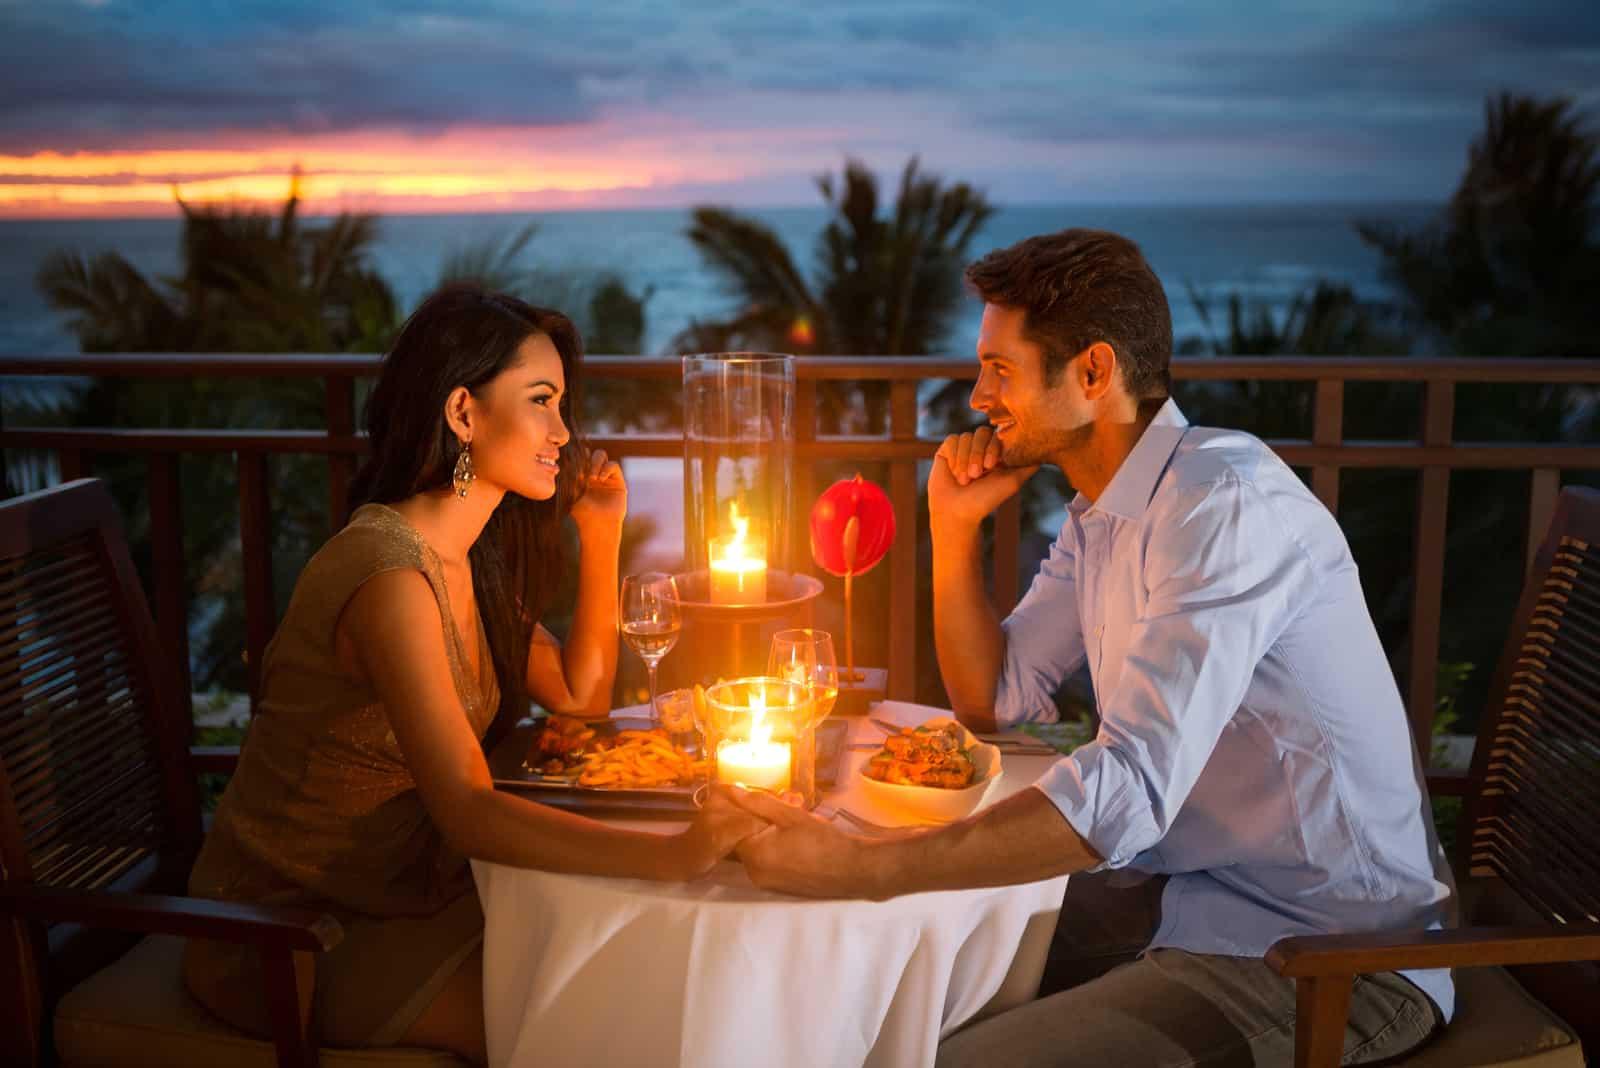 Romantisches Paar essen mit Sonnenuntergang und Kerzenlicht zu Abend